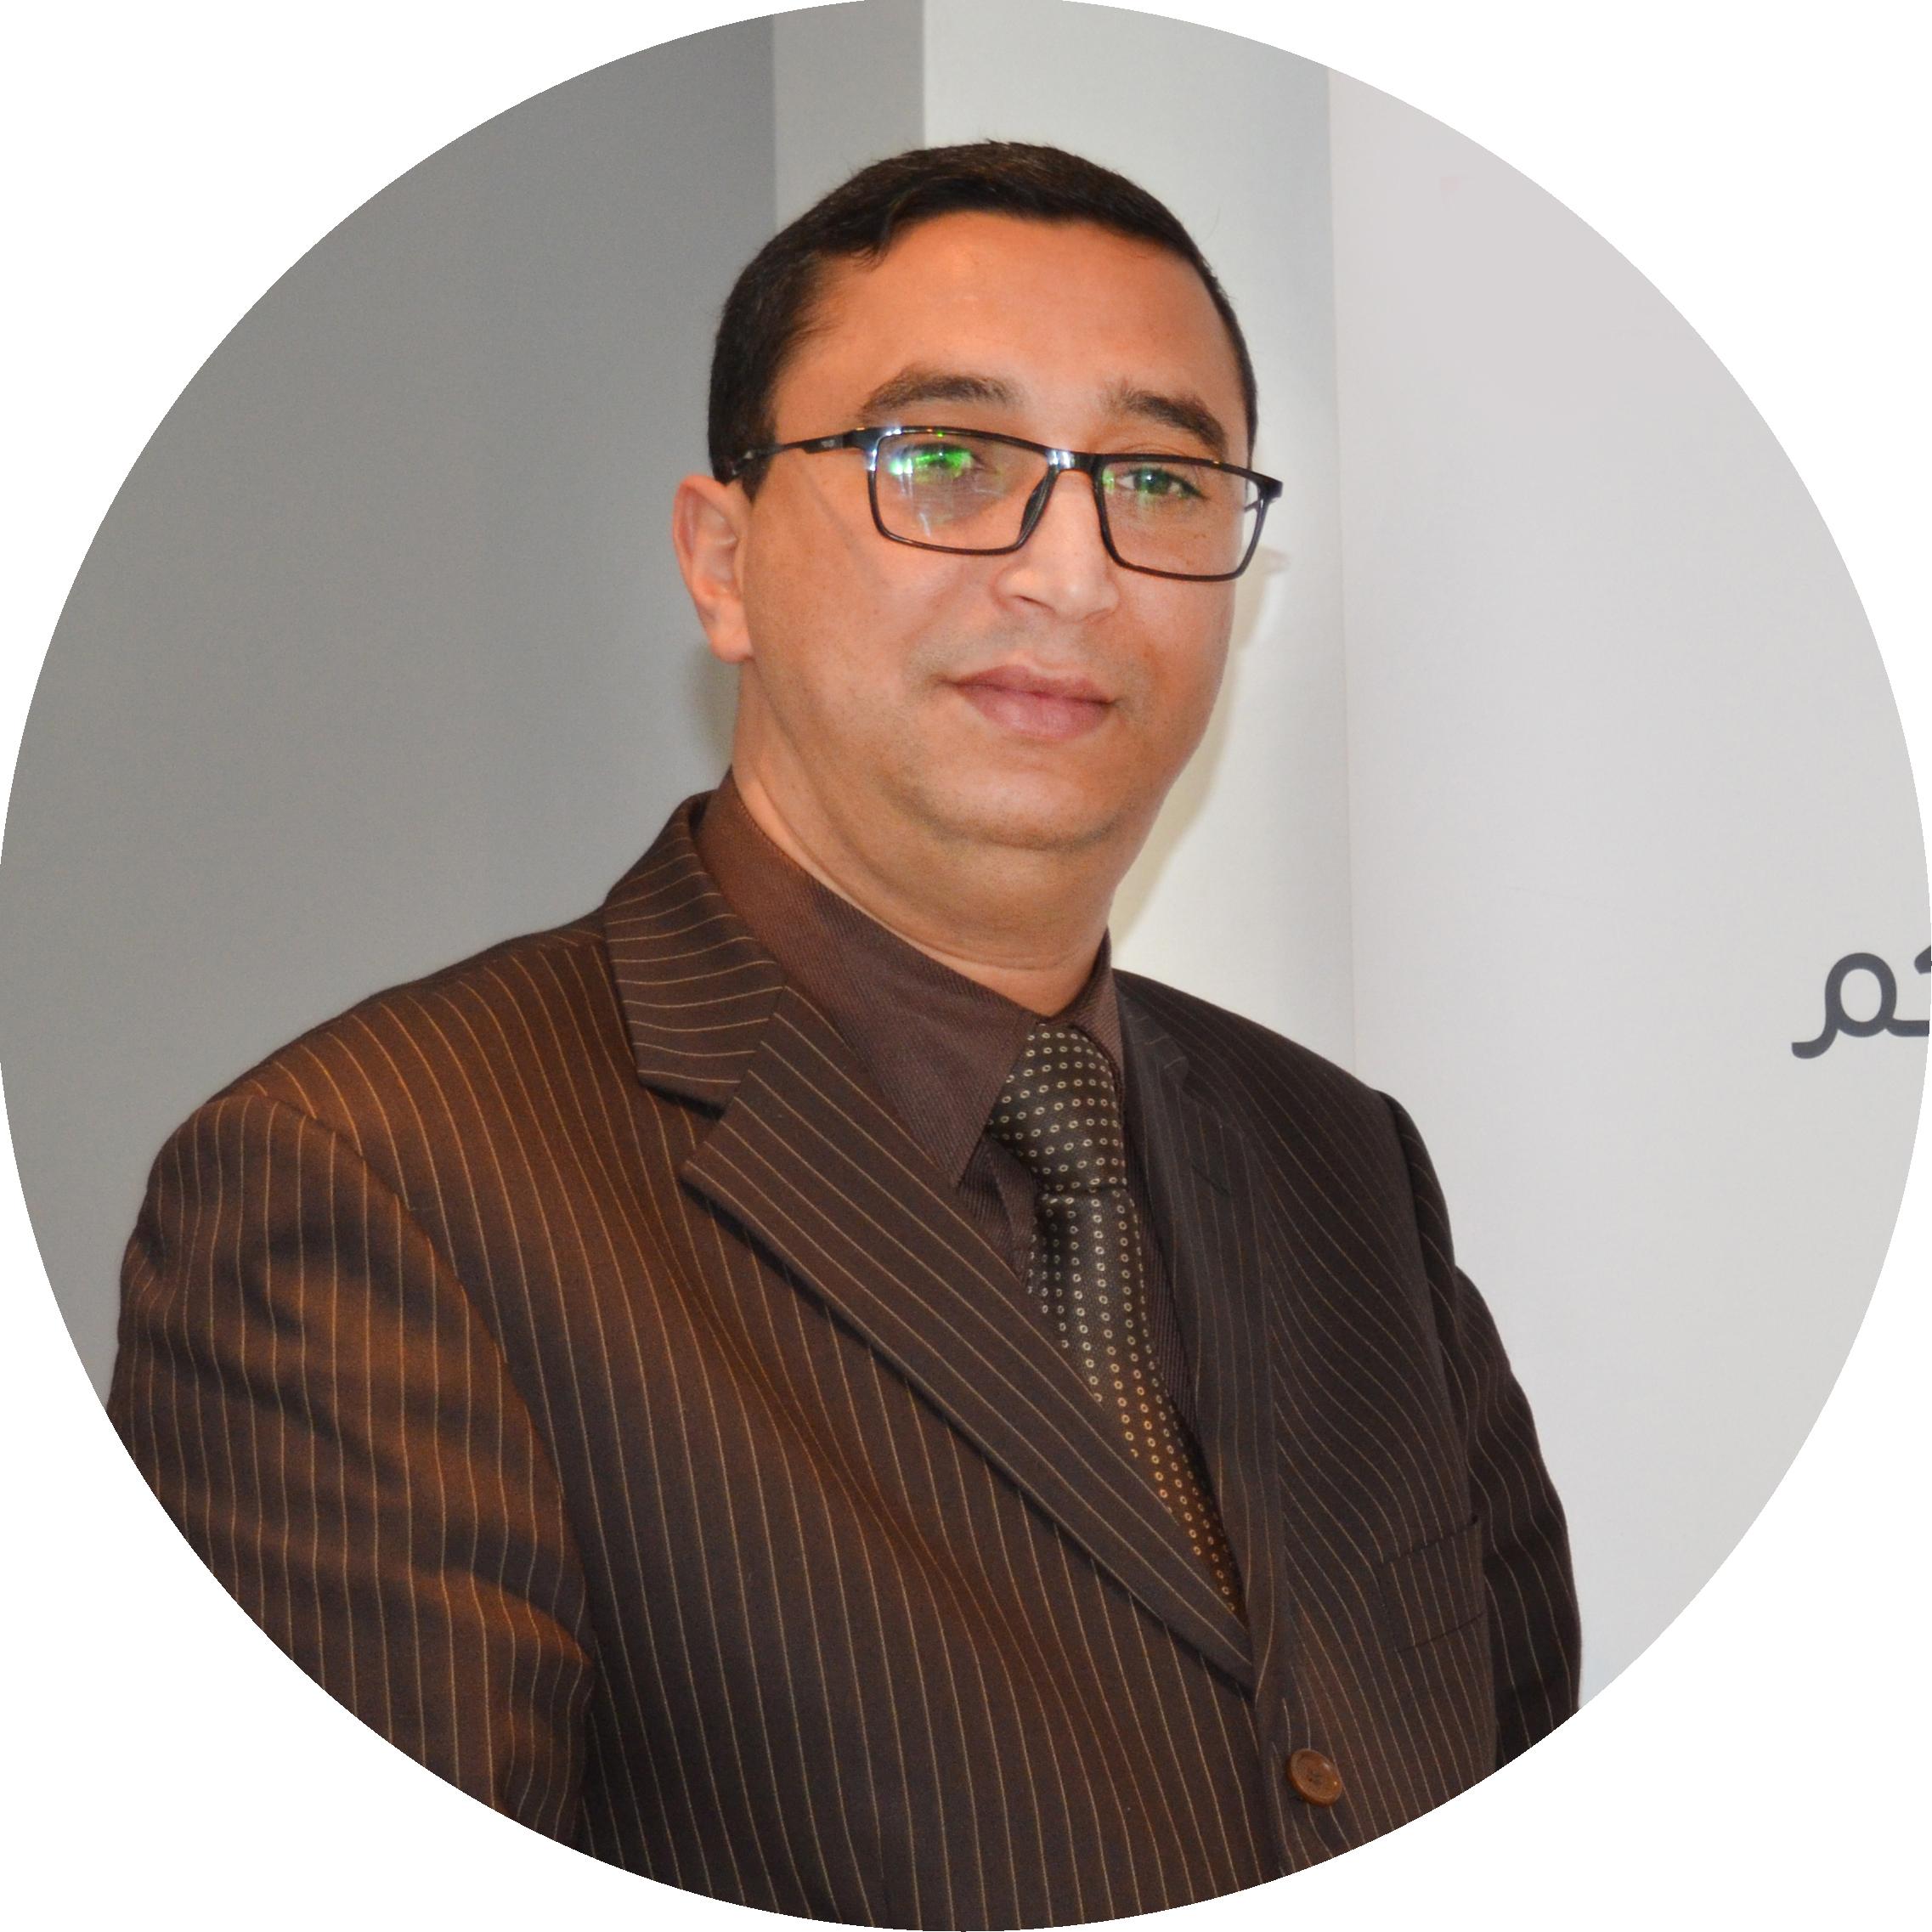 Jamal Krimi Benchekroun